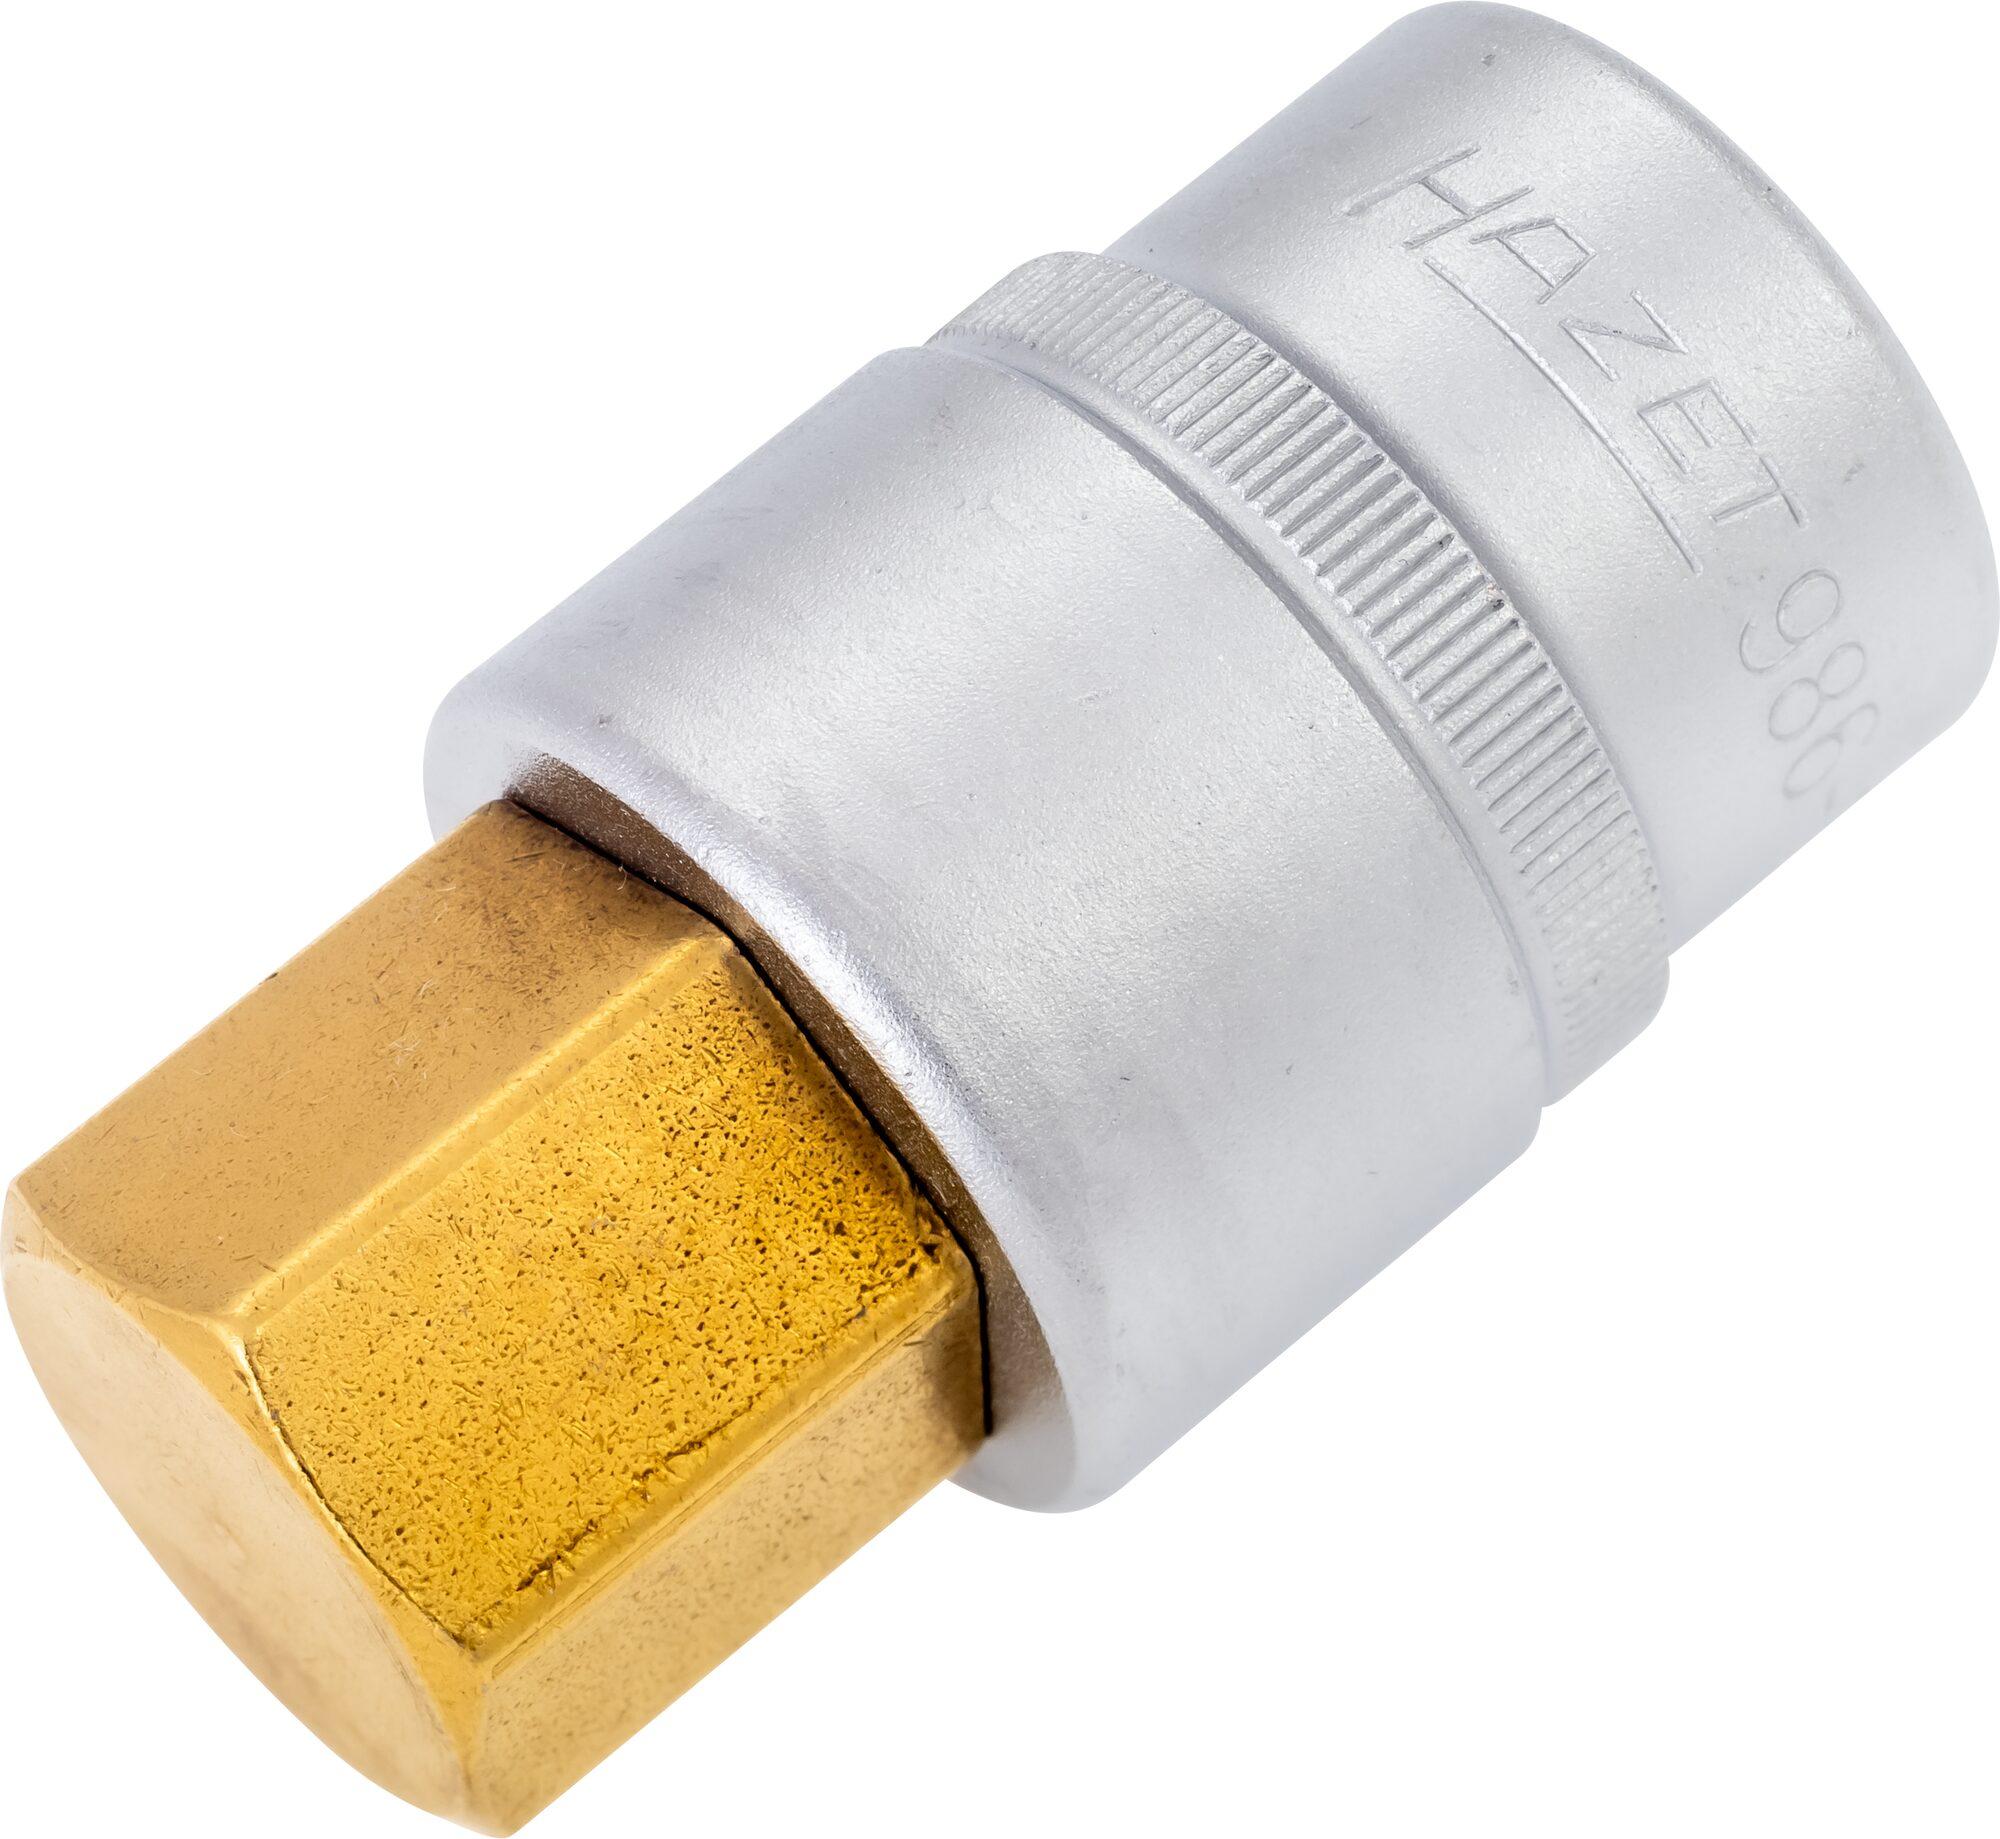 HAZET Schraubendreher-Steckschlüsseleinsatz 986-22 ∙ Vierkant hohl 12,5 mm (1/2 Zoll) ∙ Innen-Sechskant Profil ∙ 22 mm